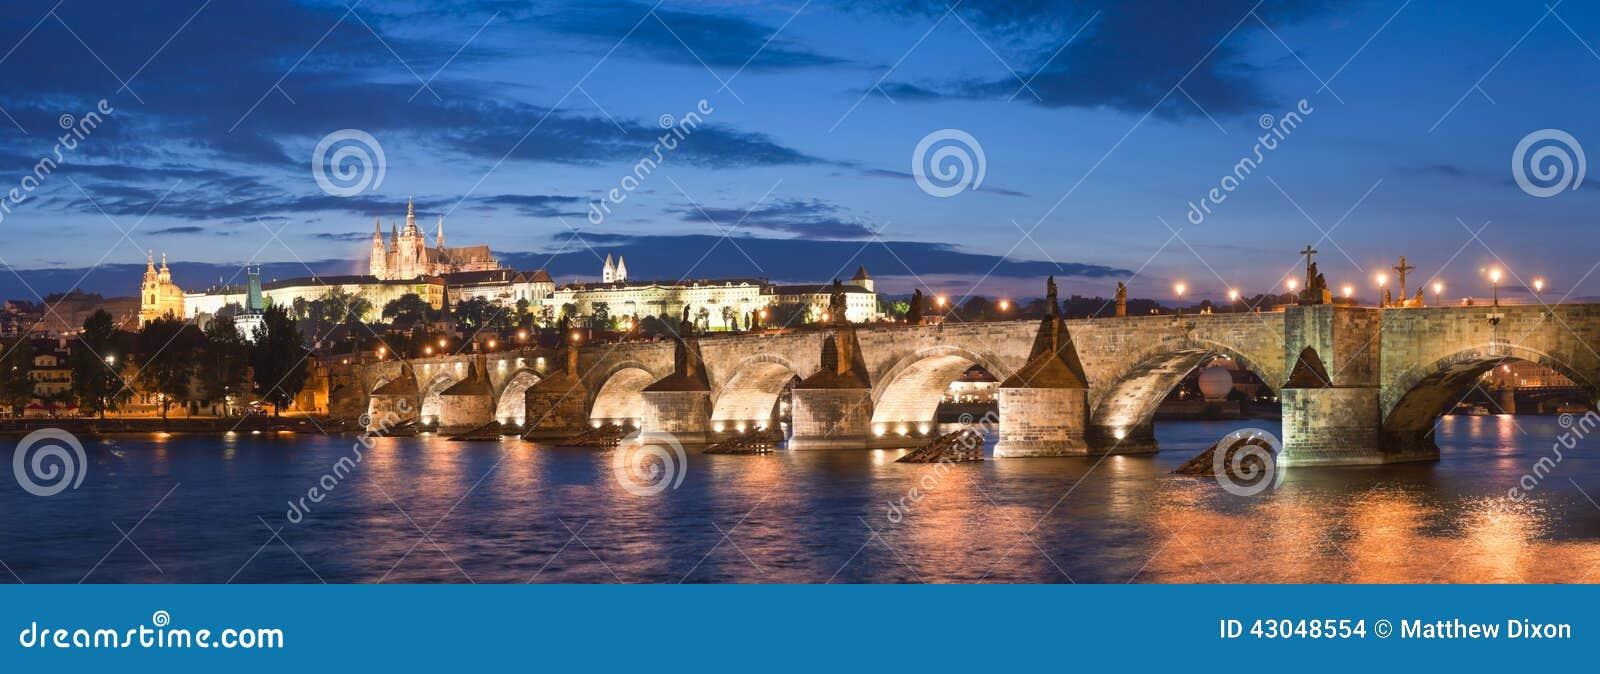 St Vitus Cathedral, castillo de Praga y Charles Bridge